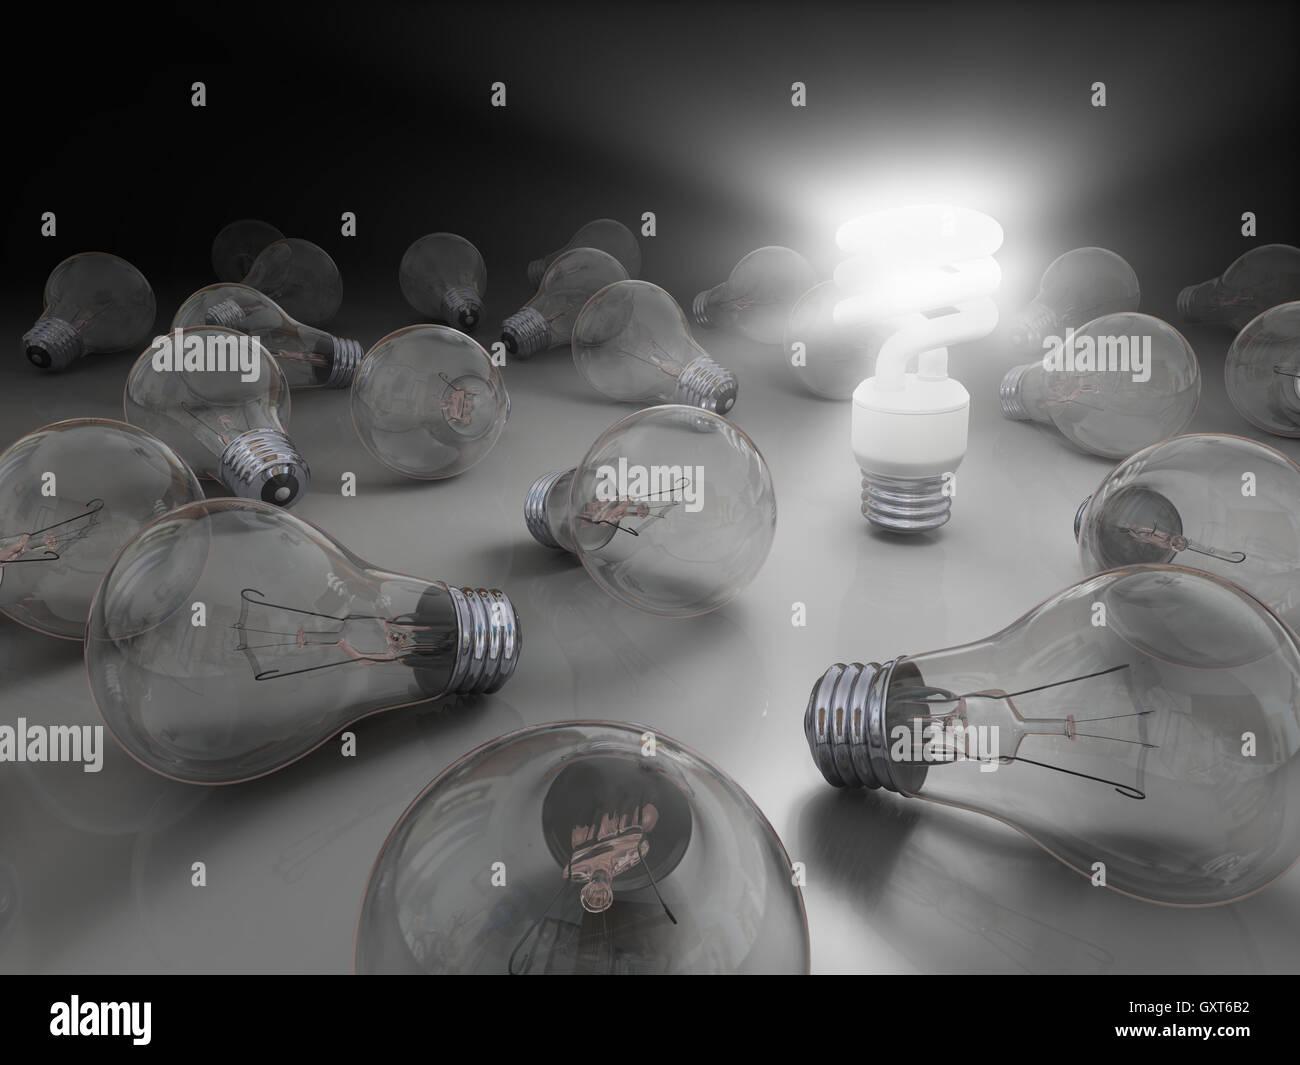 Idea brillante Imagen De Stock